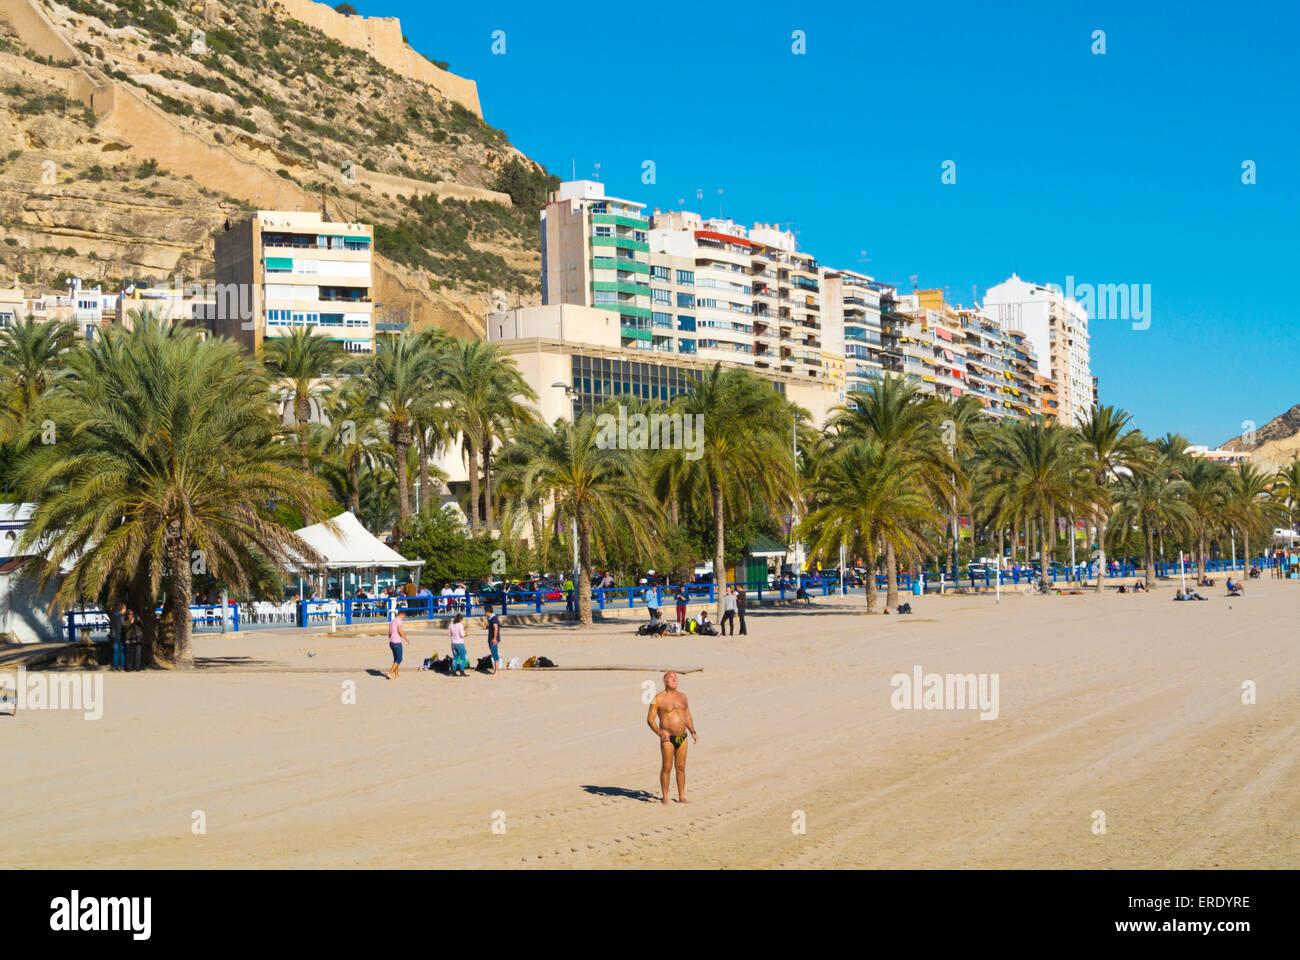 Playa del Postiguet, Alicante, Alacant, Costa Blanca, Spain Stock Photo